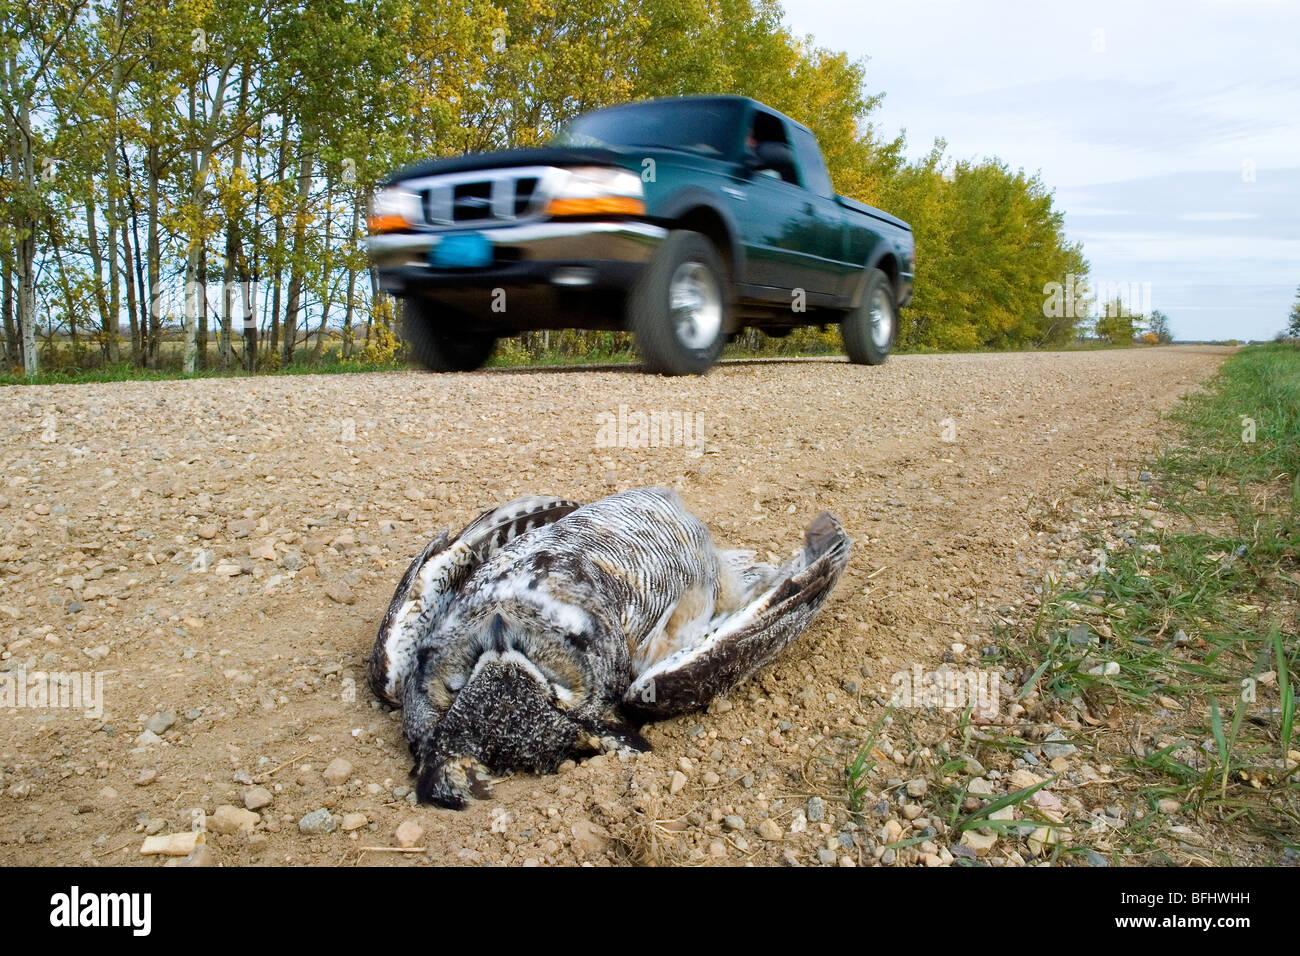 Road-killed great horned owl (Bubo virginianus), rural Alberta, Canada - Stock Image